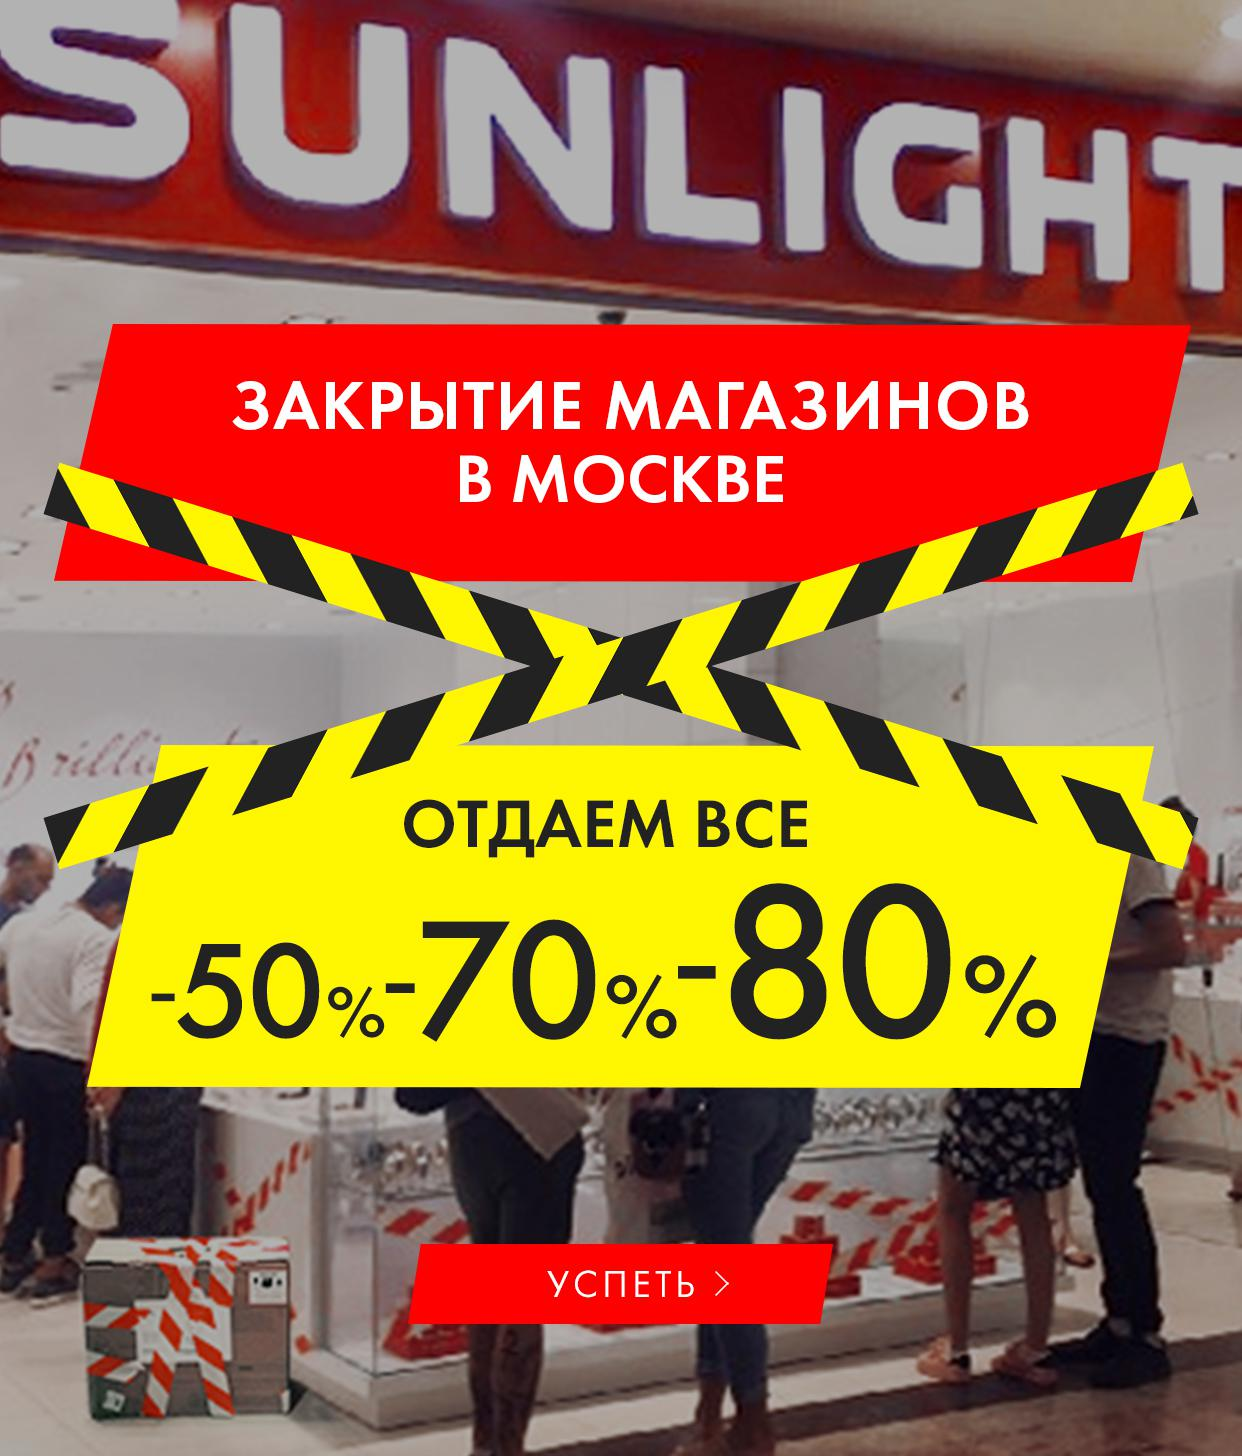 e1f599f2c14a Ювелирный интернет-магазин SUNLIGHT — купить ювелирные изделия на ...